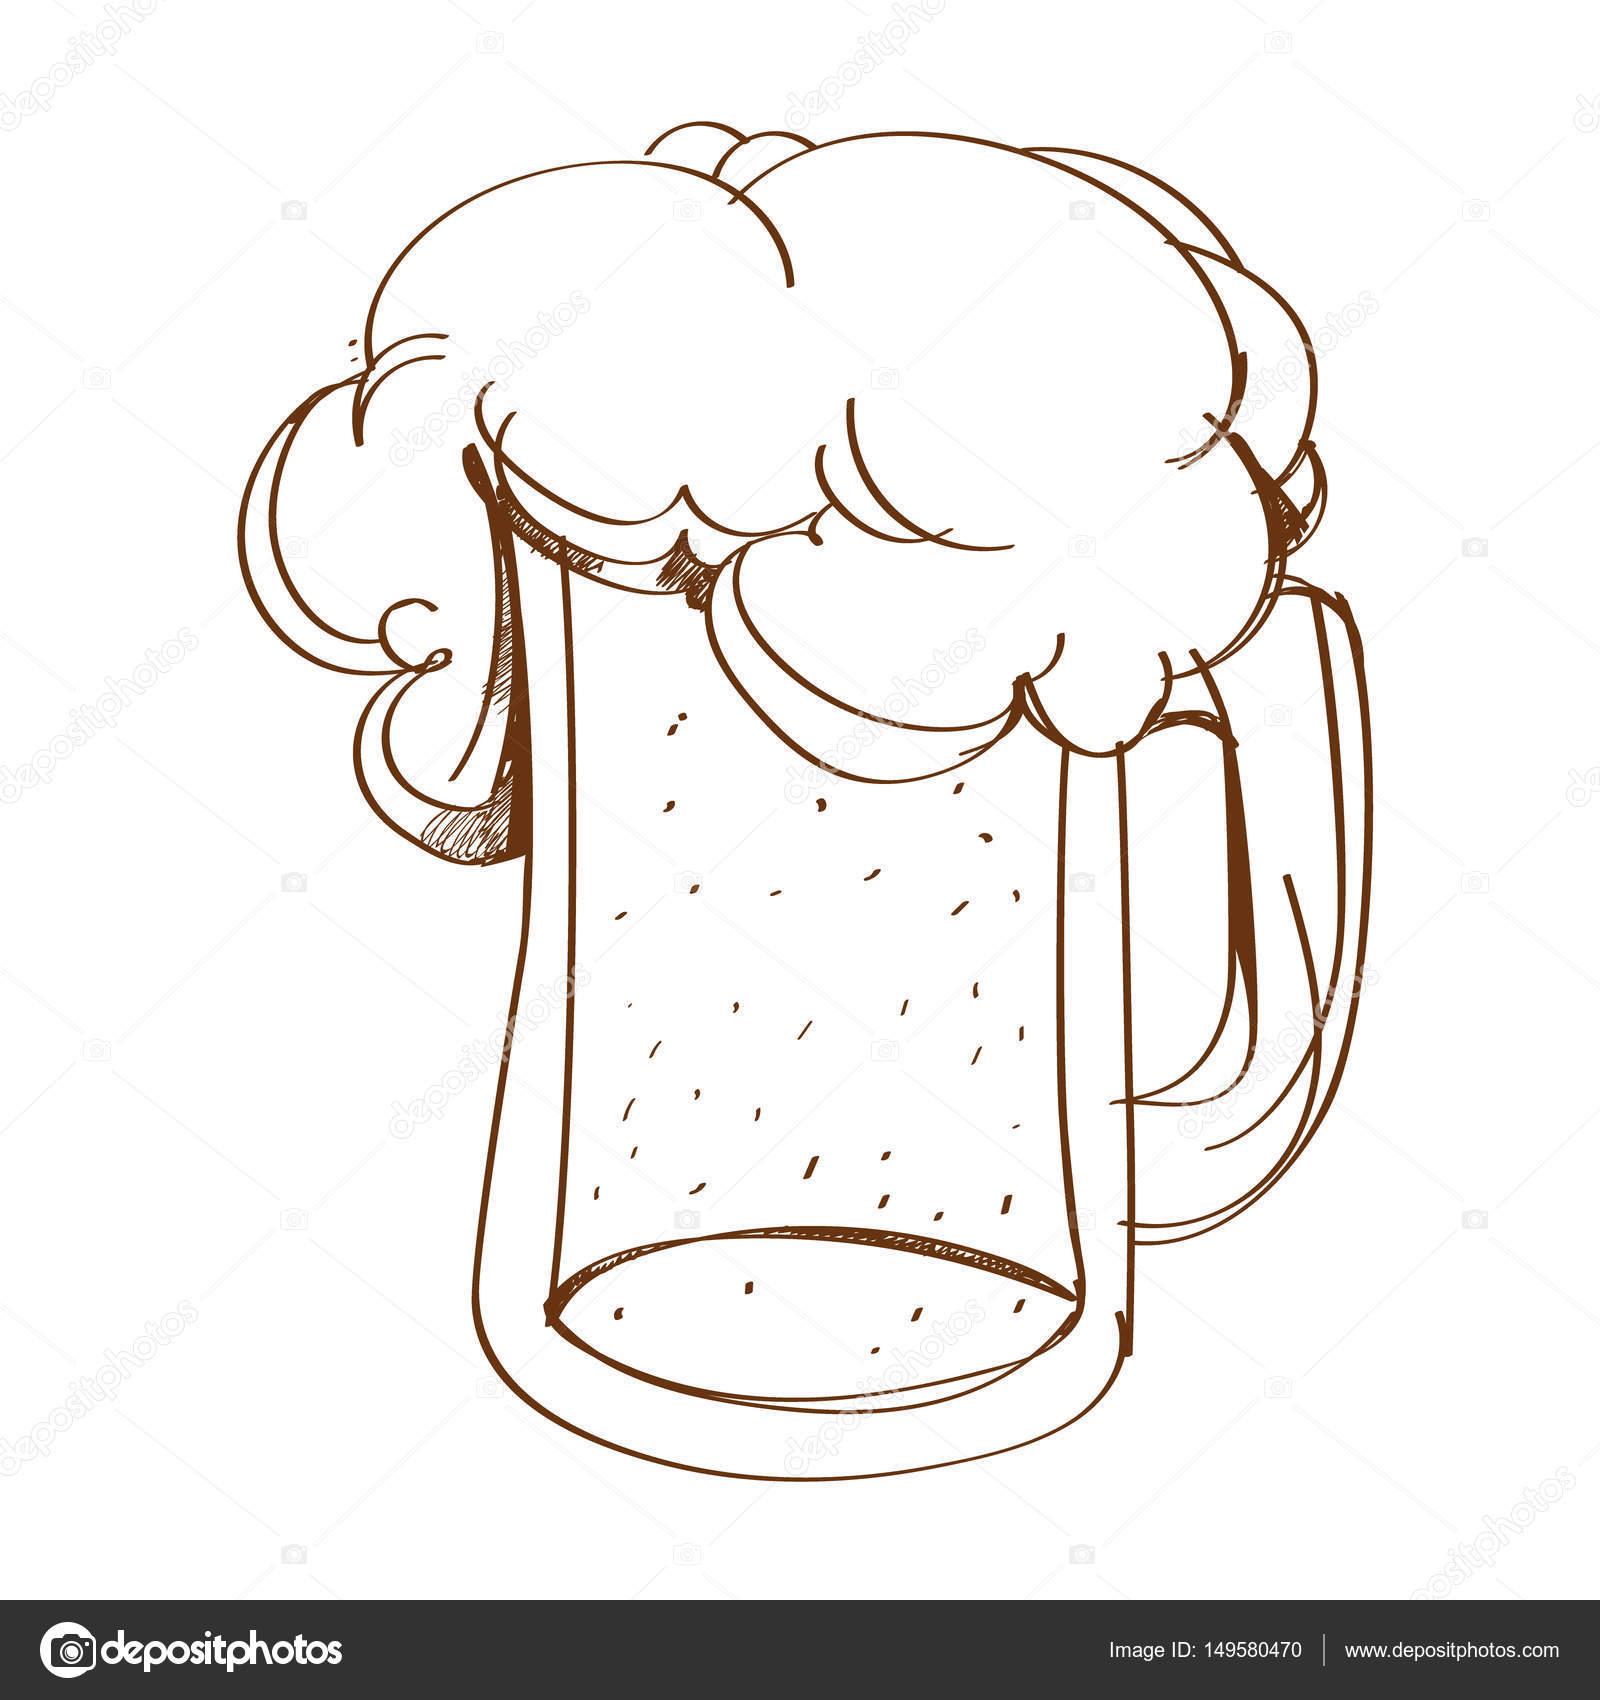 大杯的啤酒泡沫大纲 drawing.vector 图— 图库矢量图片#149580470